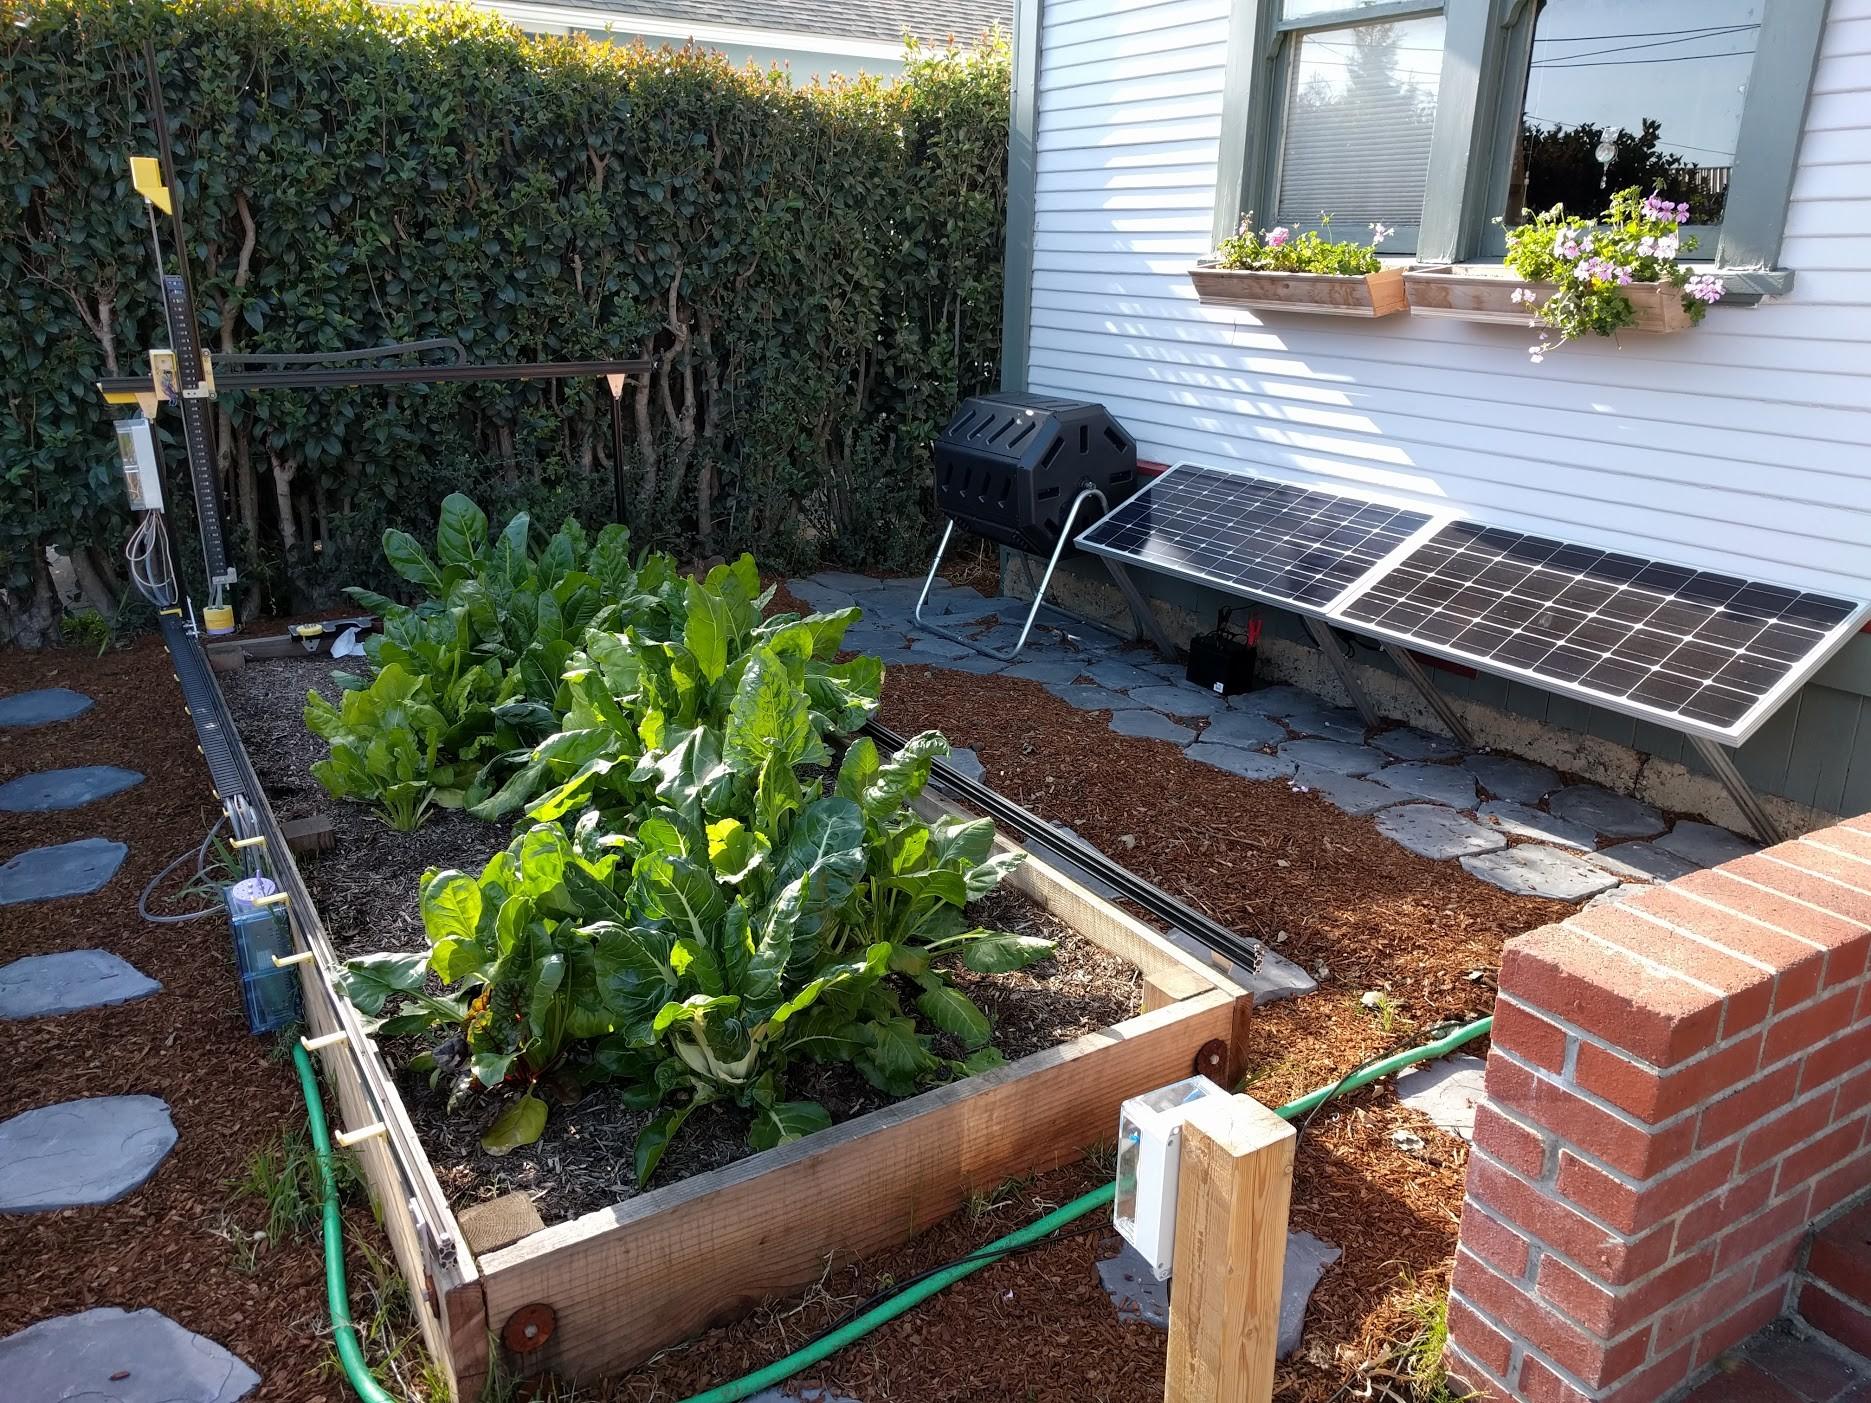 Das Beet passt in den Vorgarten. Hier sorgen Solarzellen für die Stromversorgung. (Foto: FarmBot)